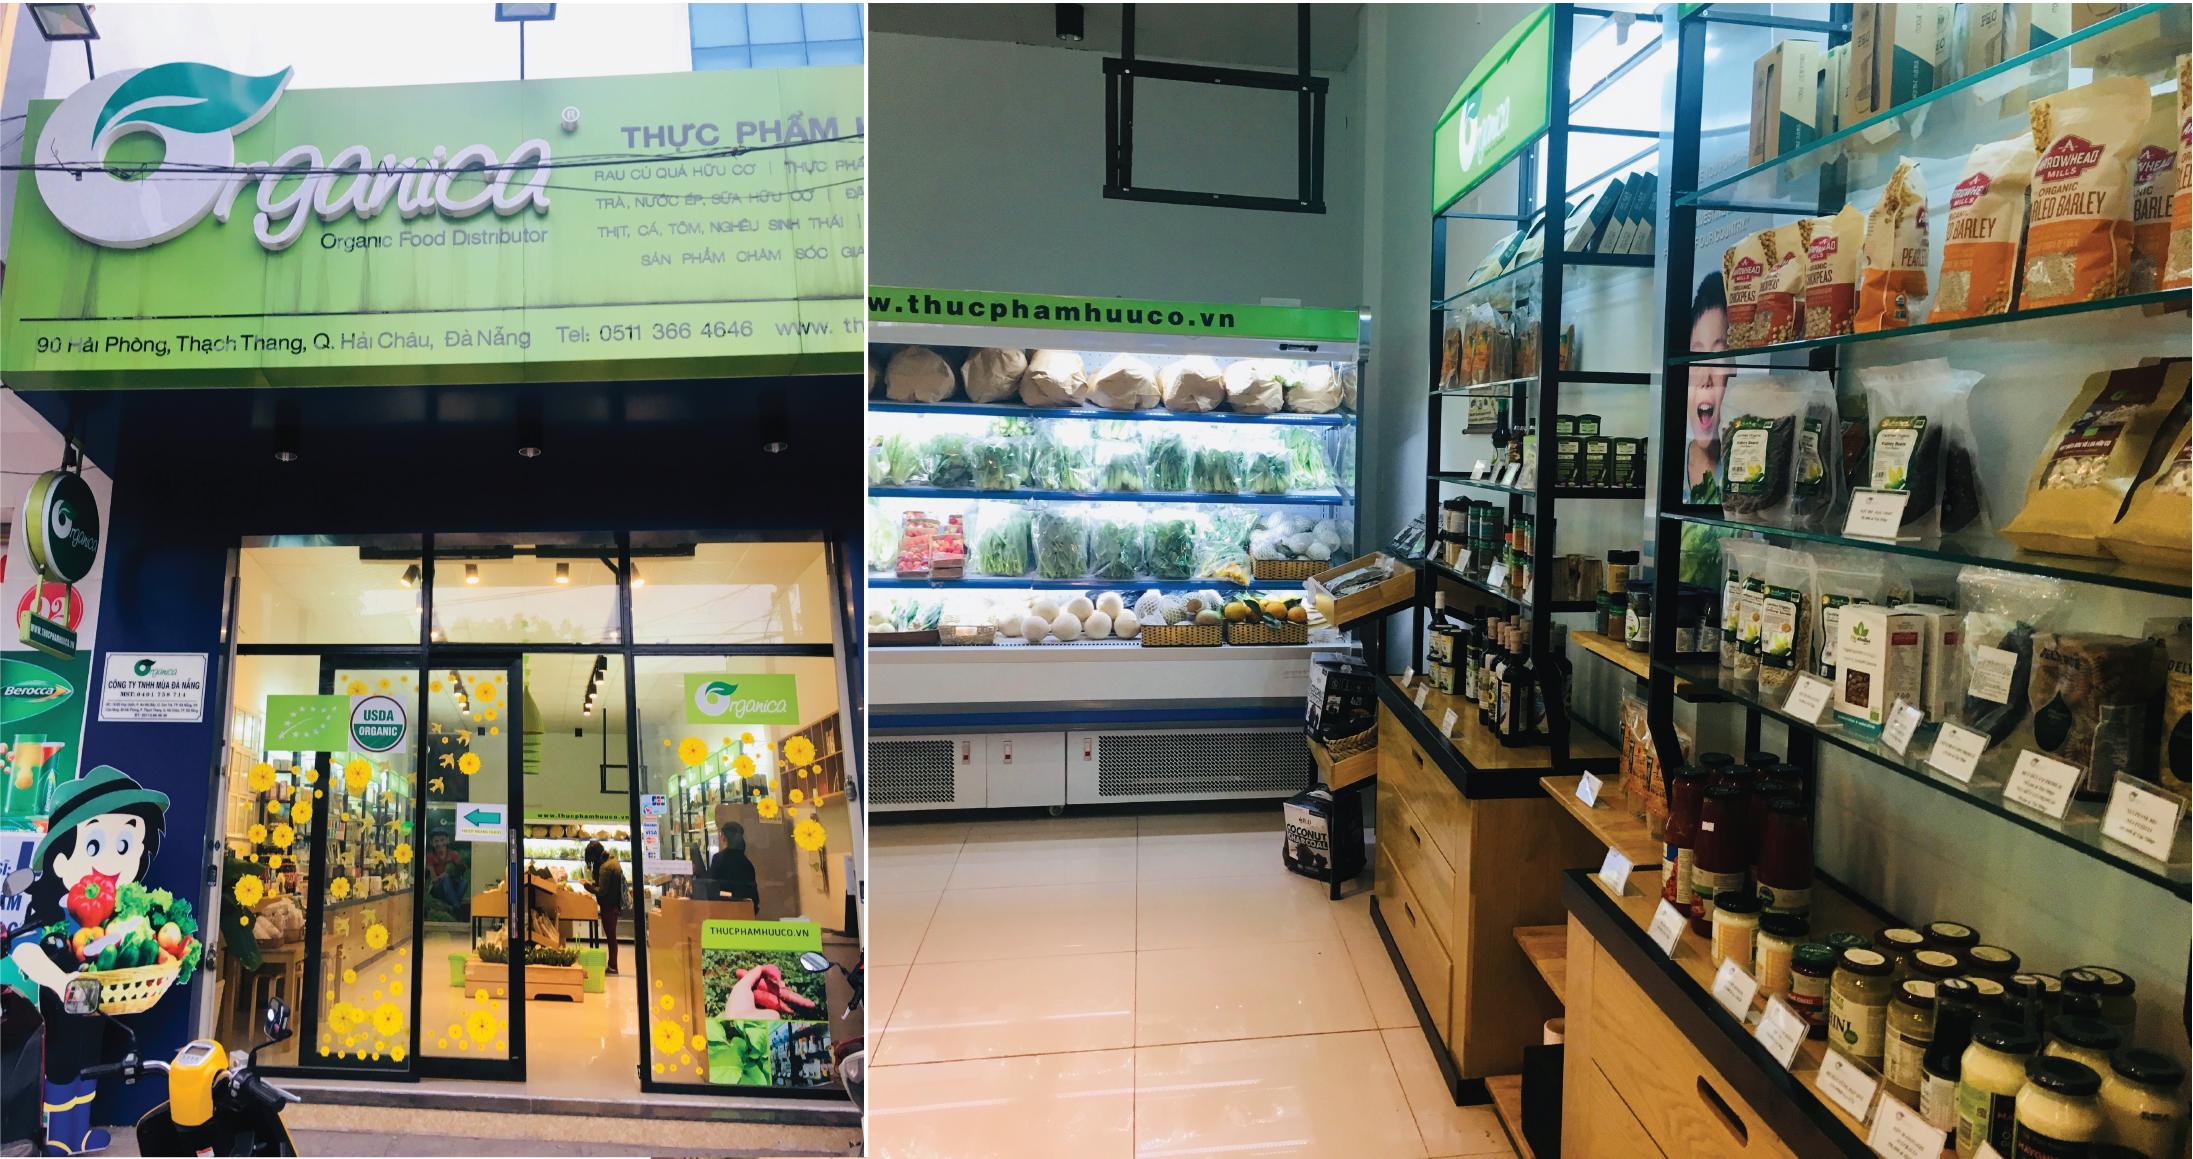 Cửa Hàng Thực Phẩm Hữu Cơ Uy Tín Nhất Tại TP.HCM và Hà Nội